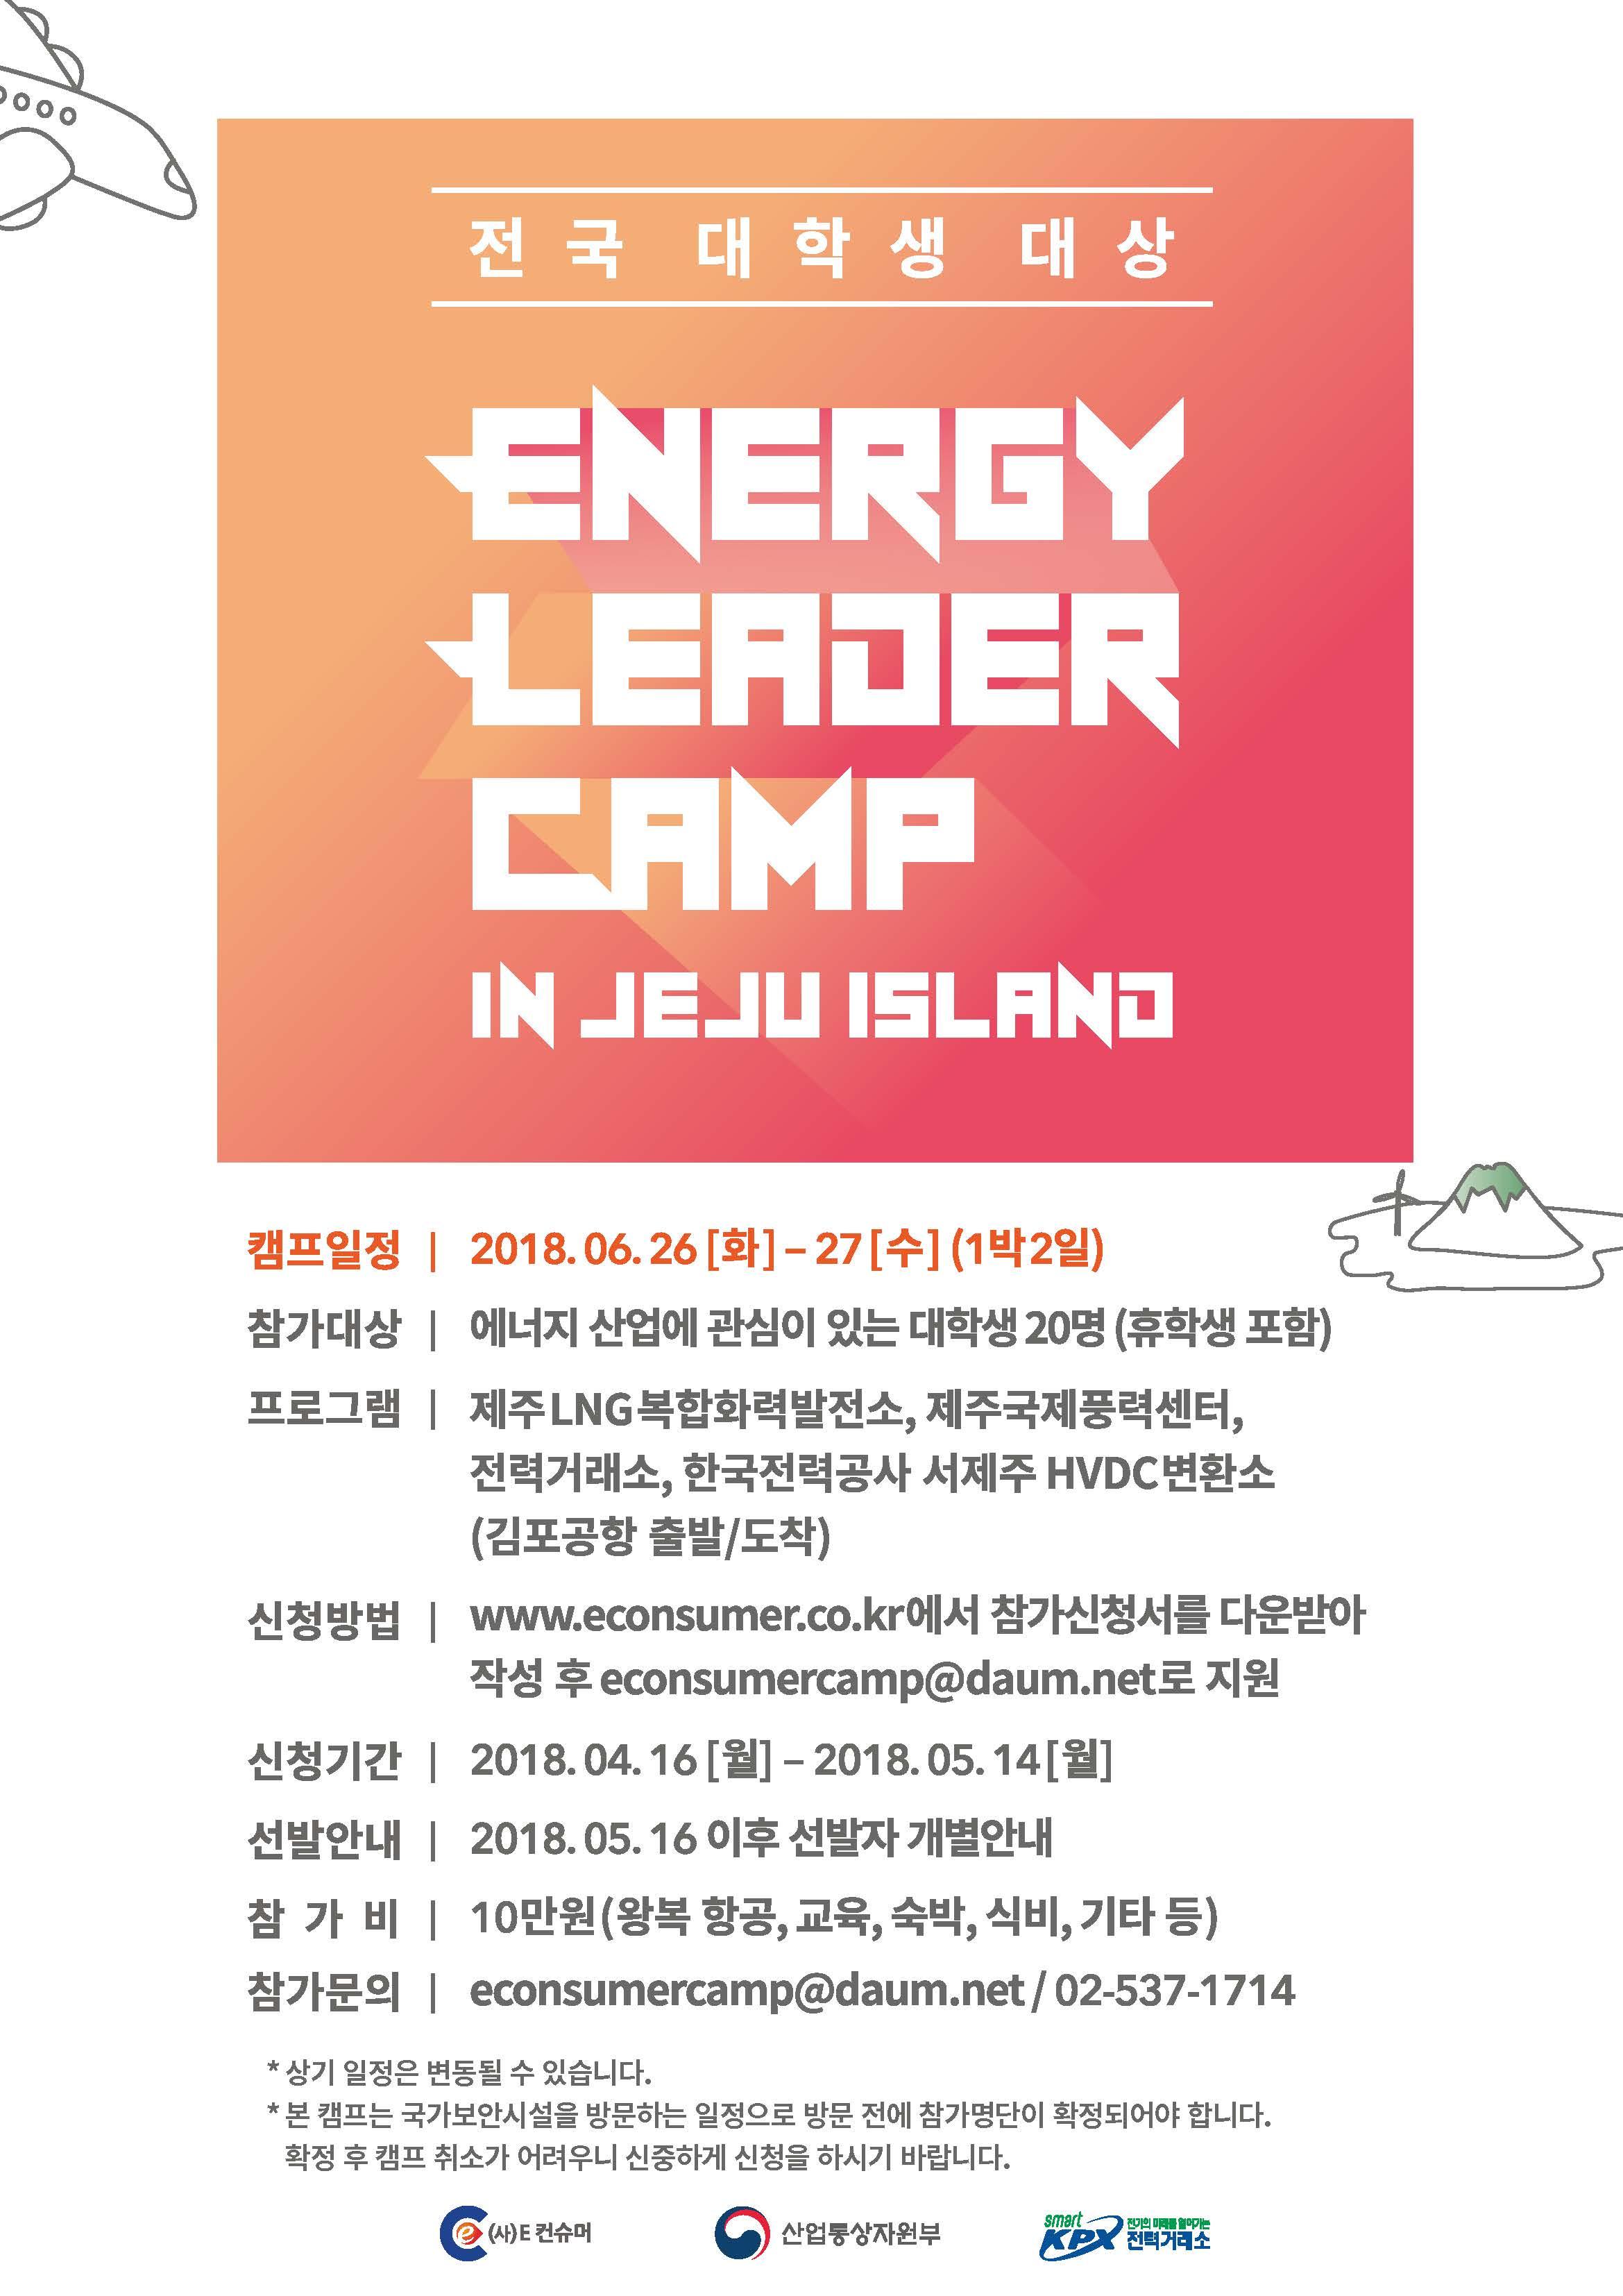 [(사)E컨슈머] 에너지컨슈머 캠프 에너지 리더